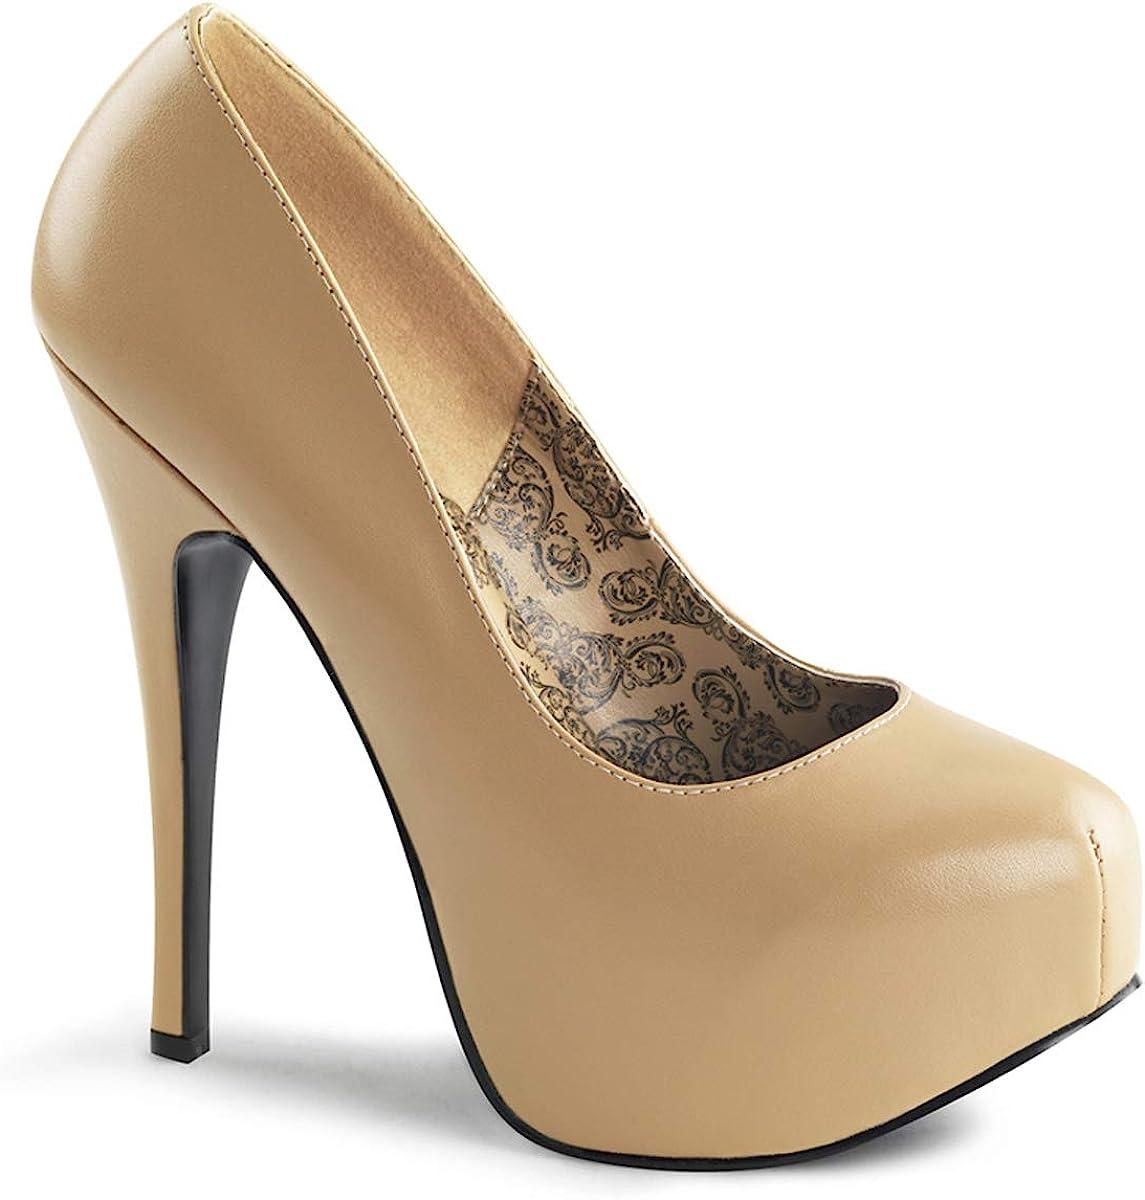 Women's 5 3/4 Inch Heel Concealed